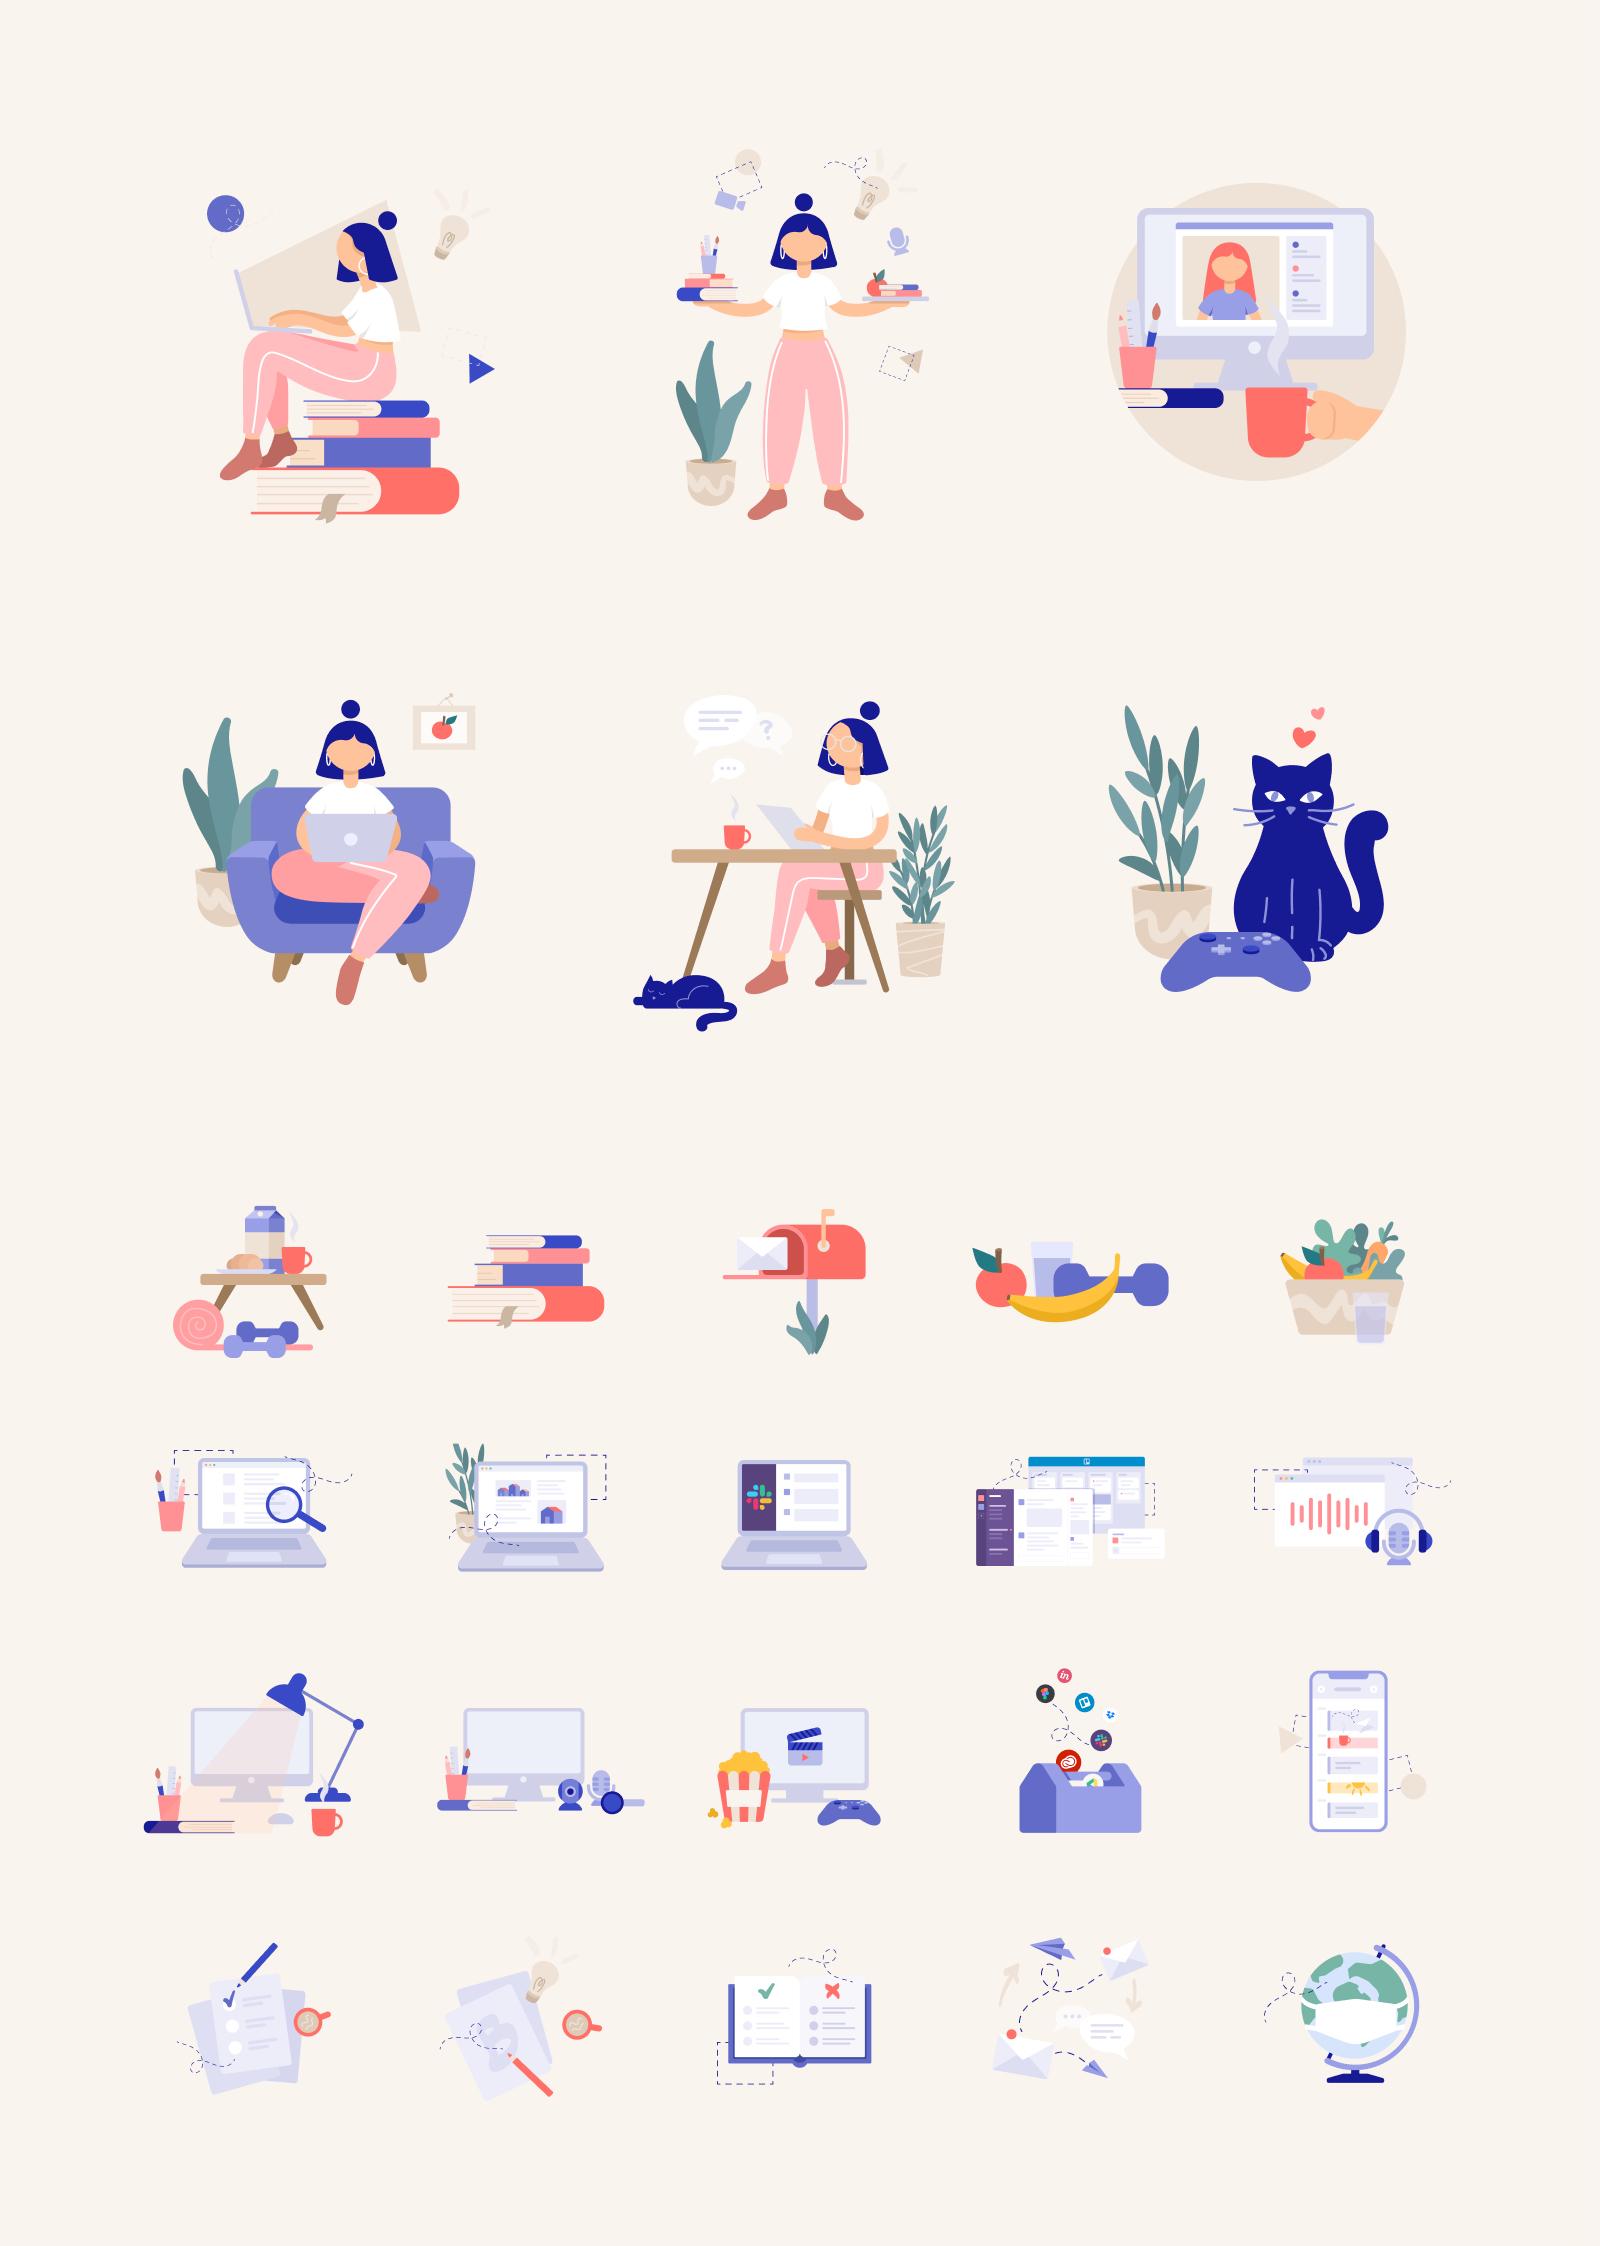 25+免费远程工作矢量插画插图